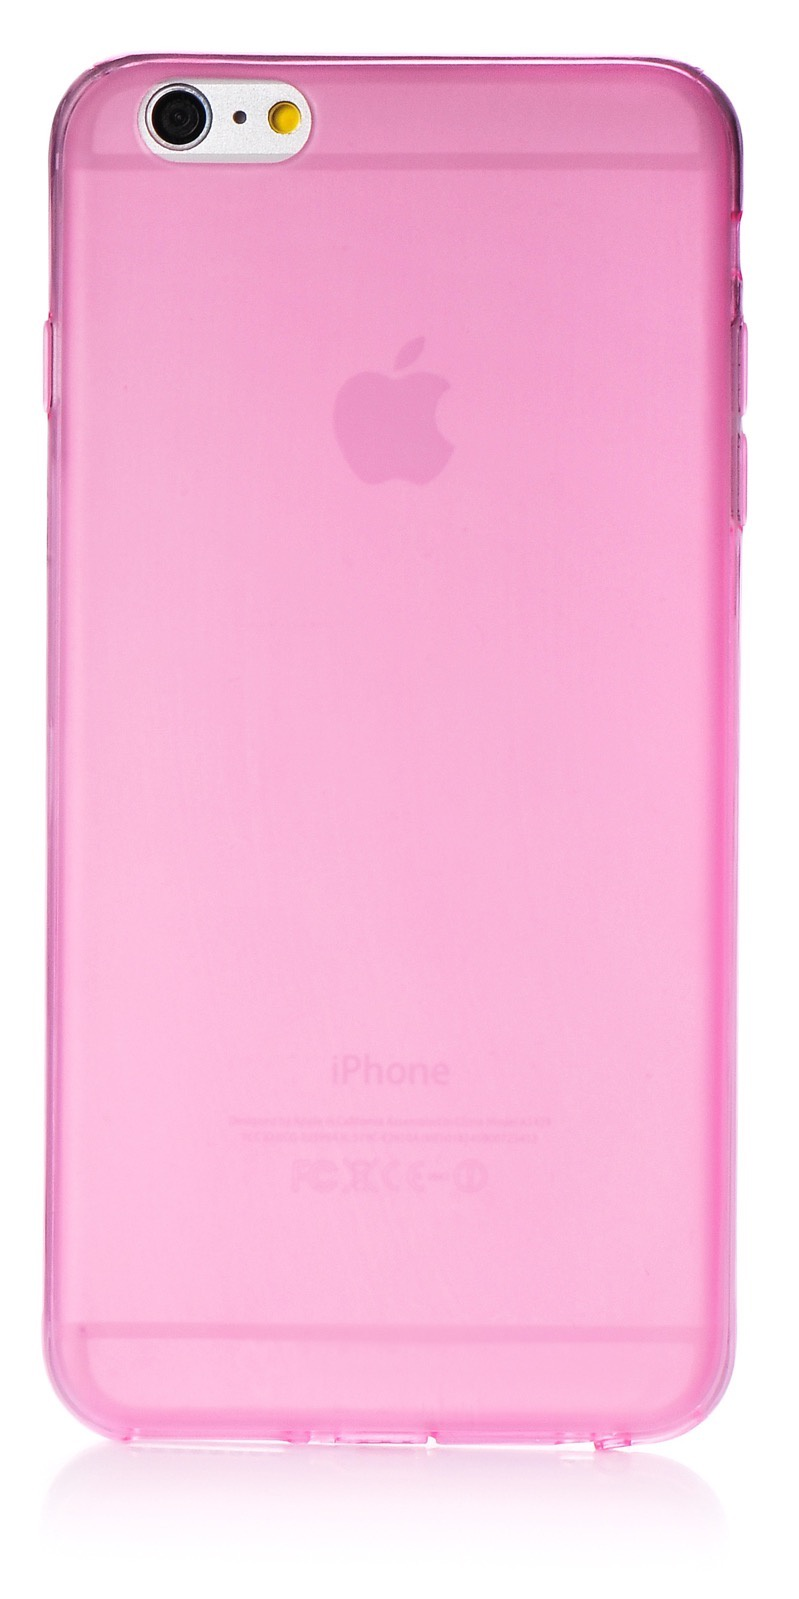 """Чехол для сотового телефона iNeez накладка силикон 0.3 mm матовый 620106 для Apple iPhone 6 Plus/6S Plus 5.5"""", розовый"""